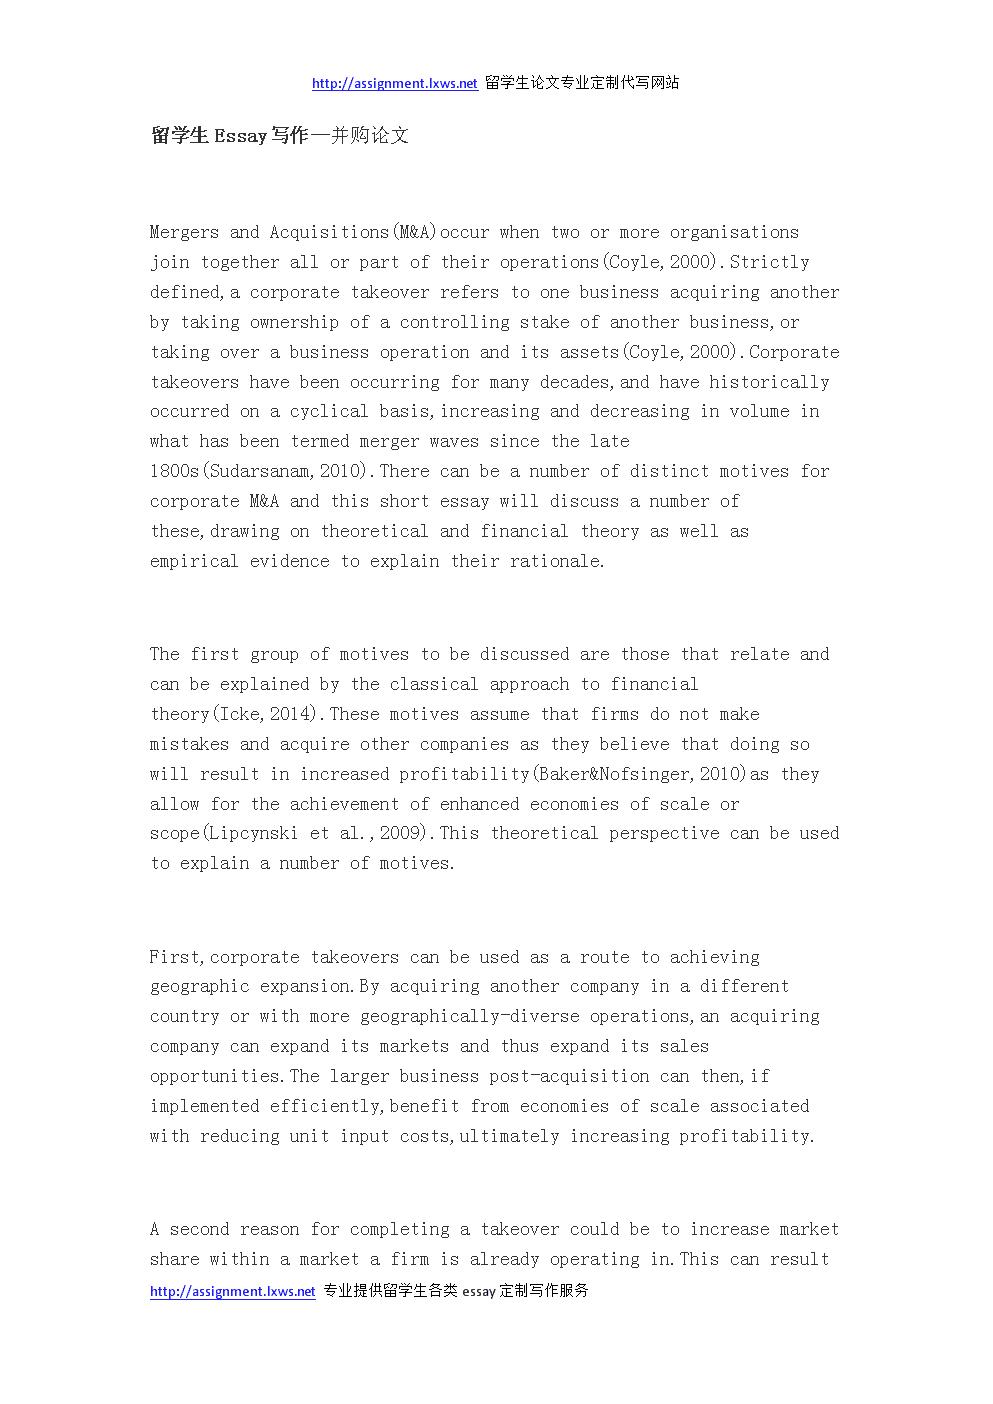 留学生Essay写作—并购论文.docx